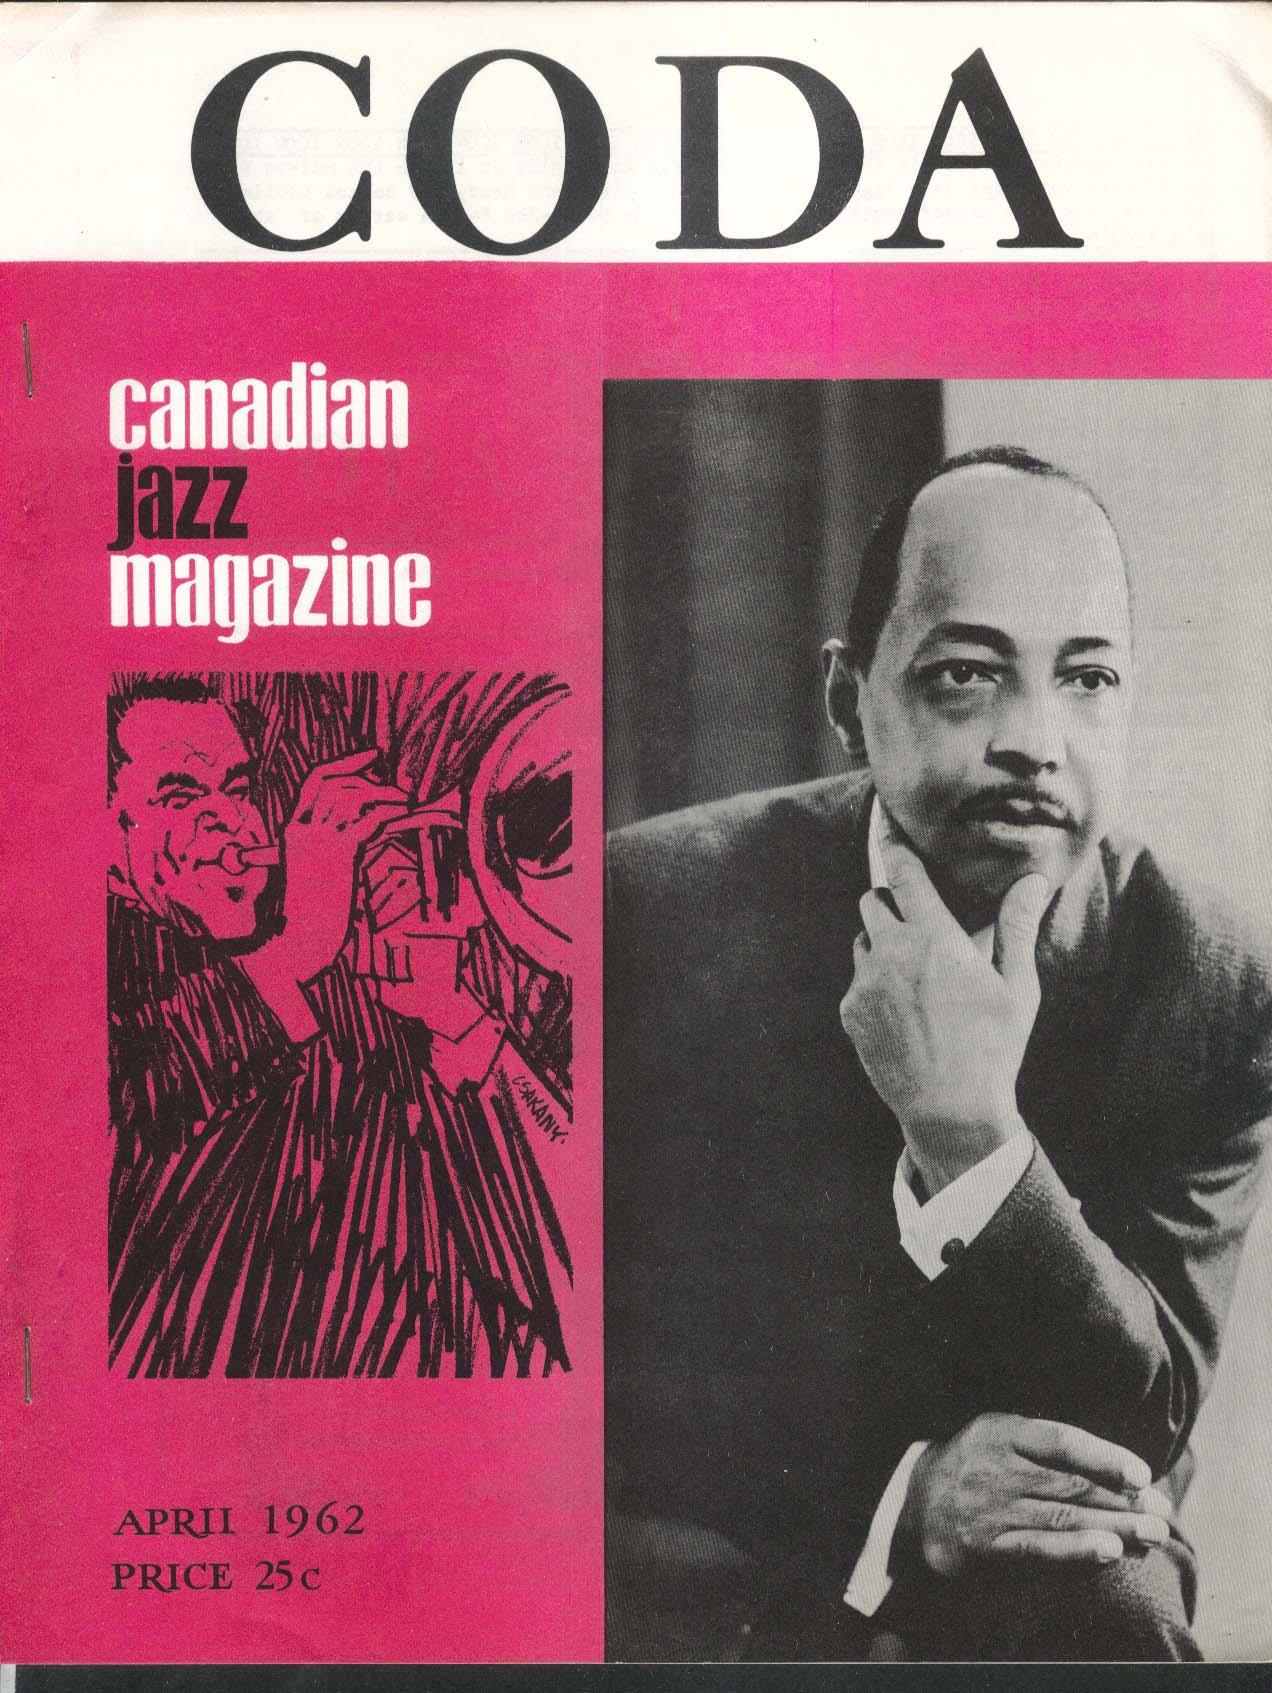 CODA V4 #9 Canadian Jazz Magazine Freddie Johnson 4 1962